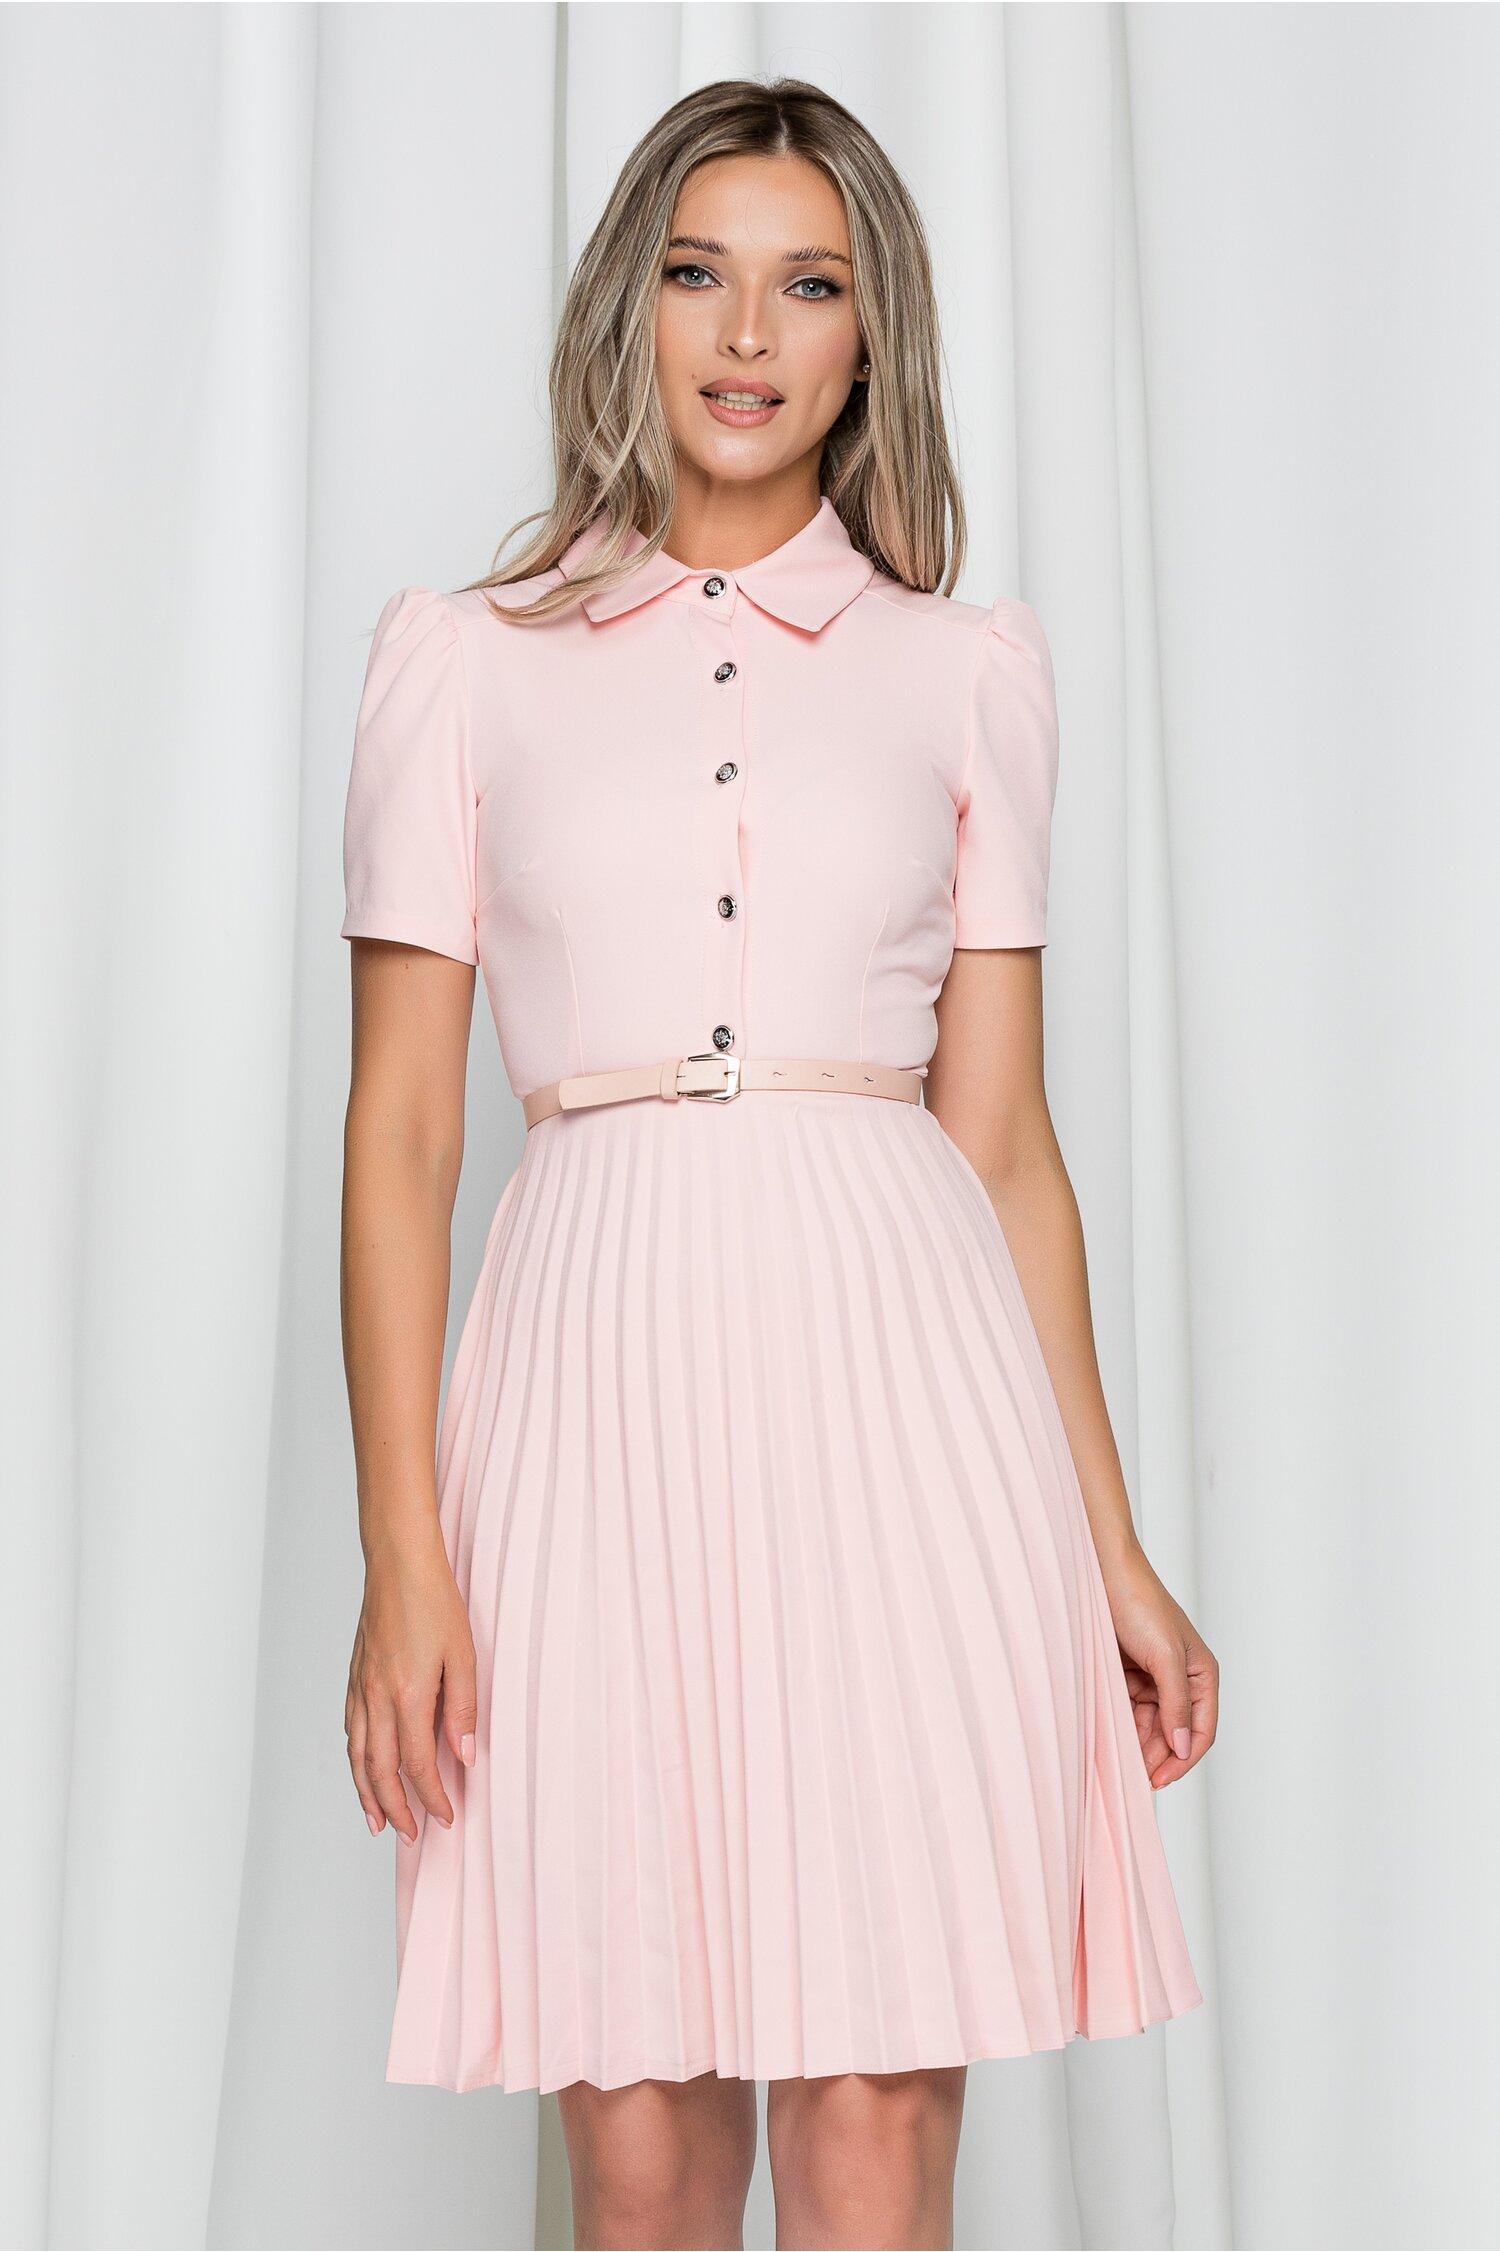 Rochie Kalliope roz cu guler tip camasa si pliuri pe fusta